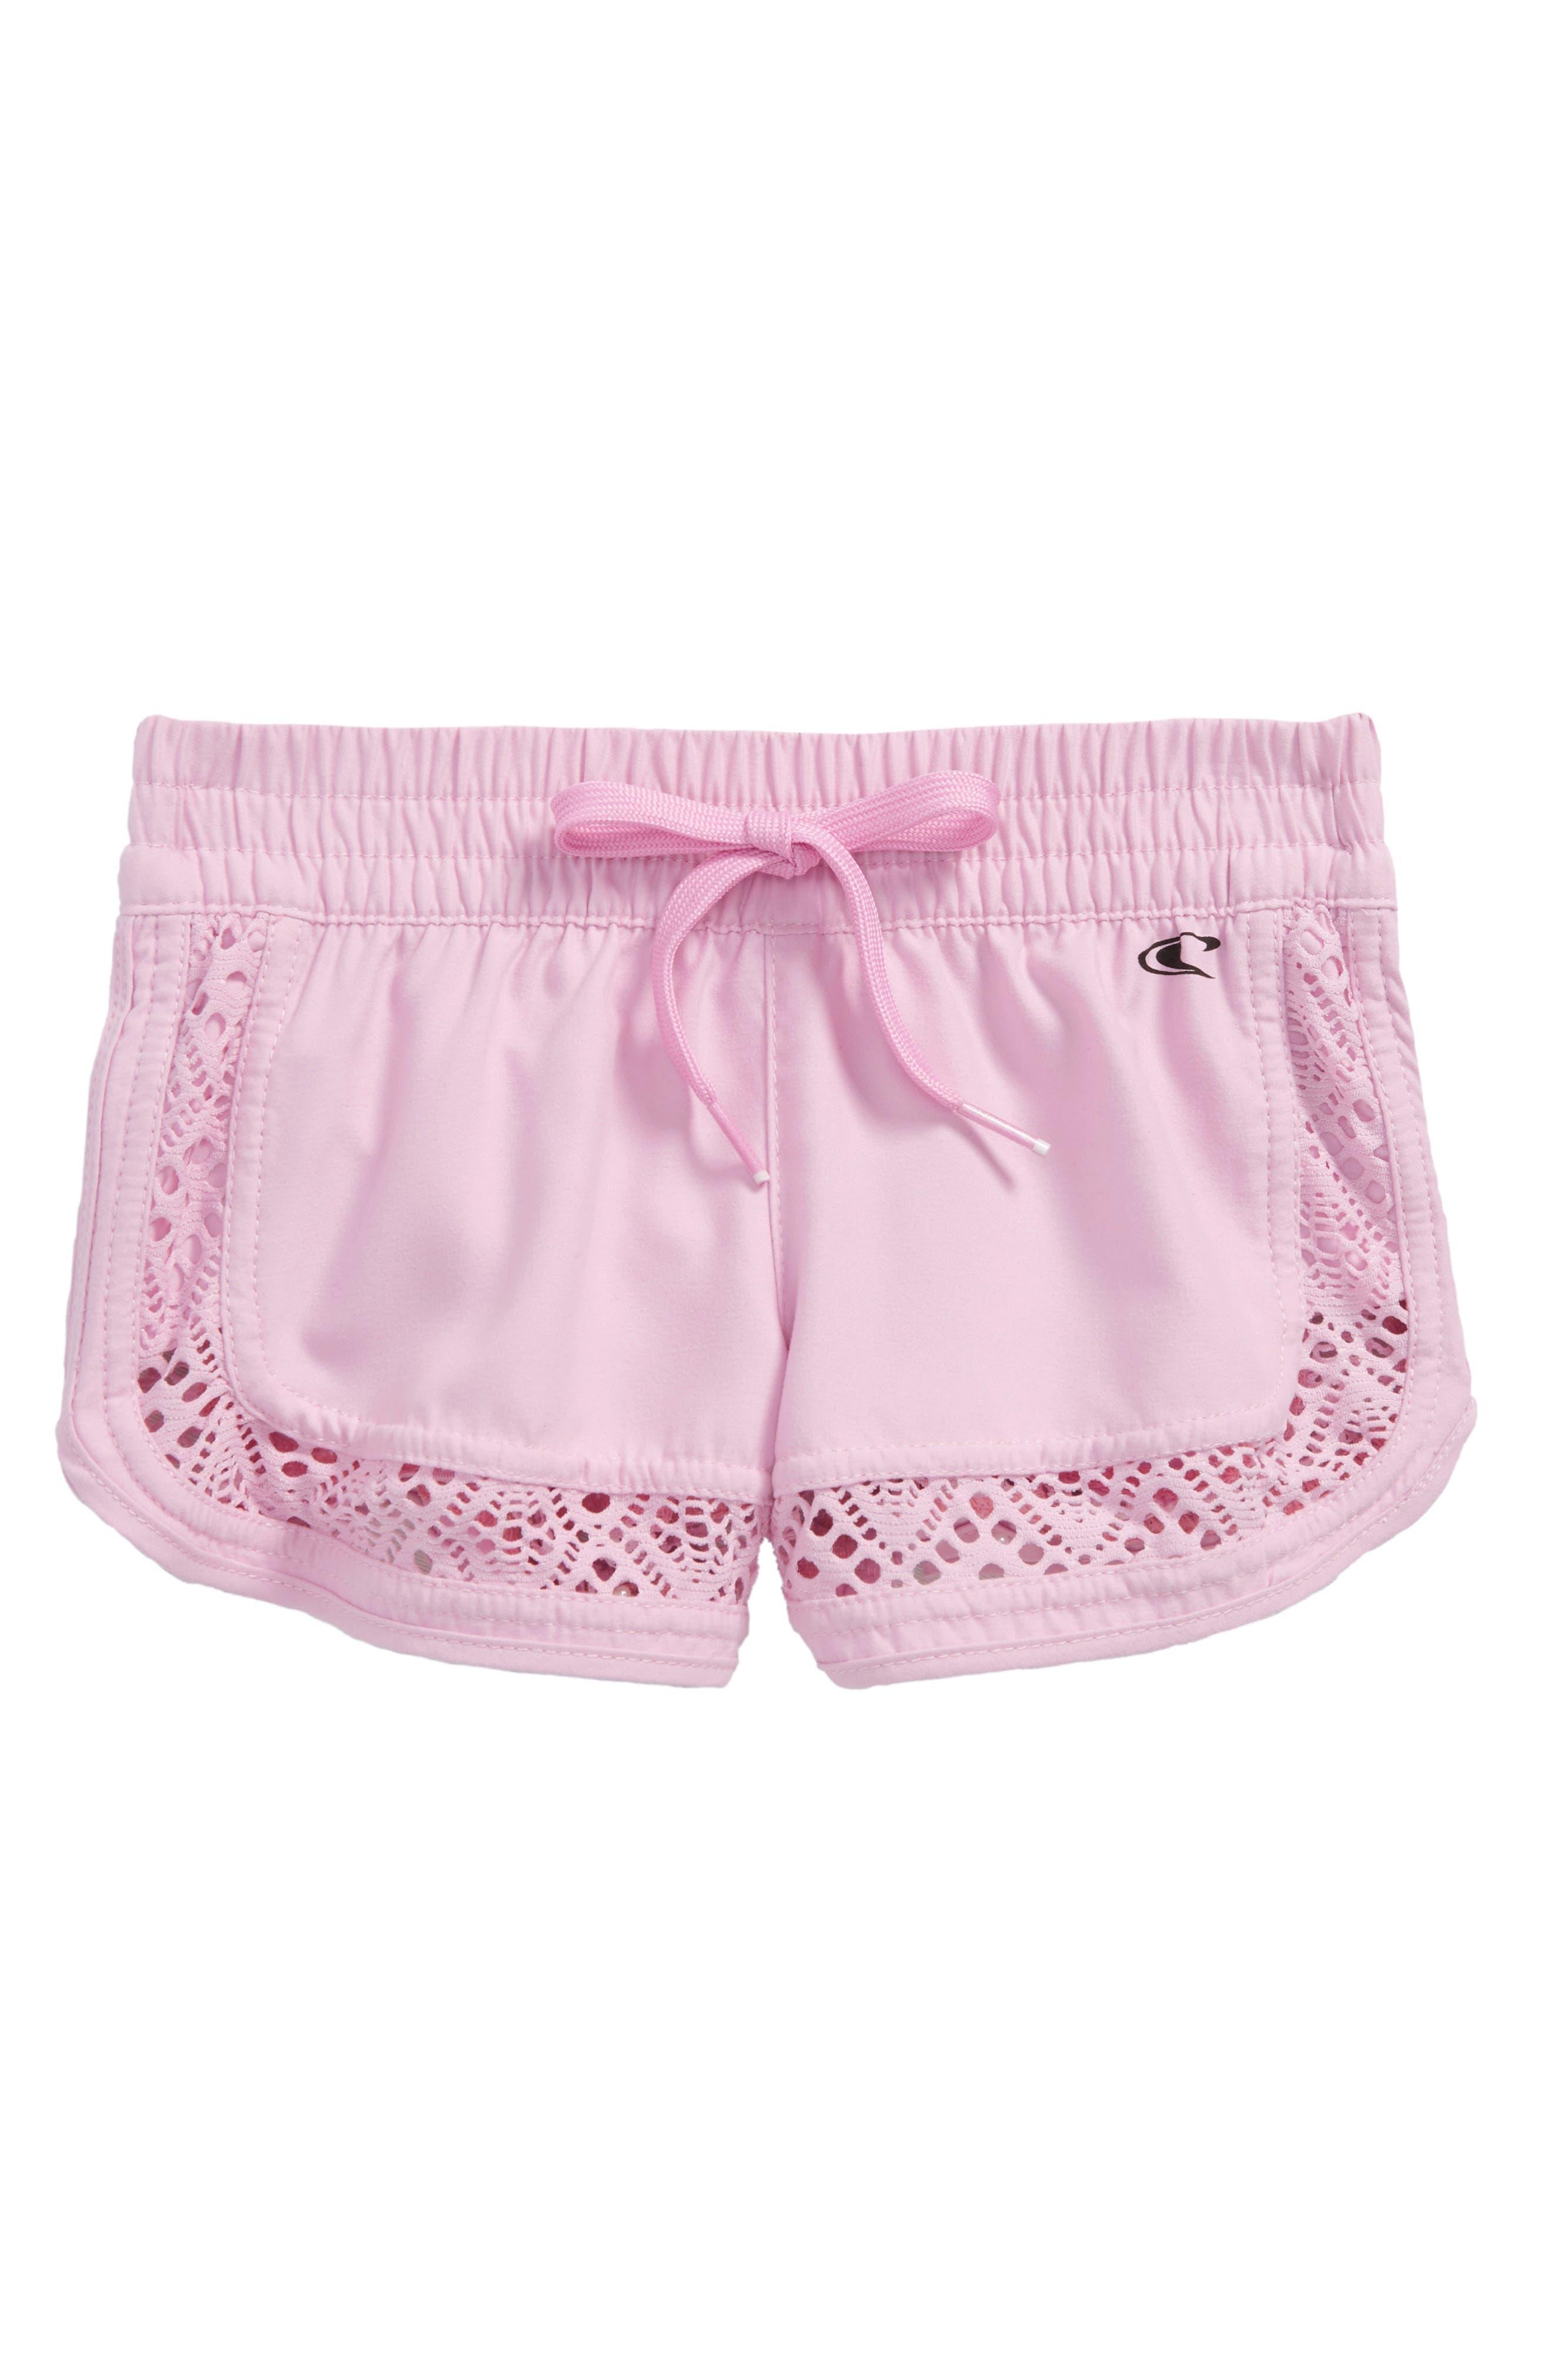 Renewal 2 Board Shorts,                             Main thumbnail 1, color,                             Pink Lavender